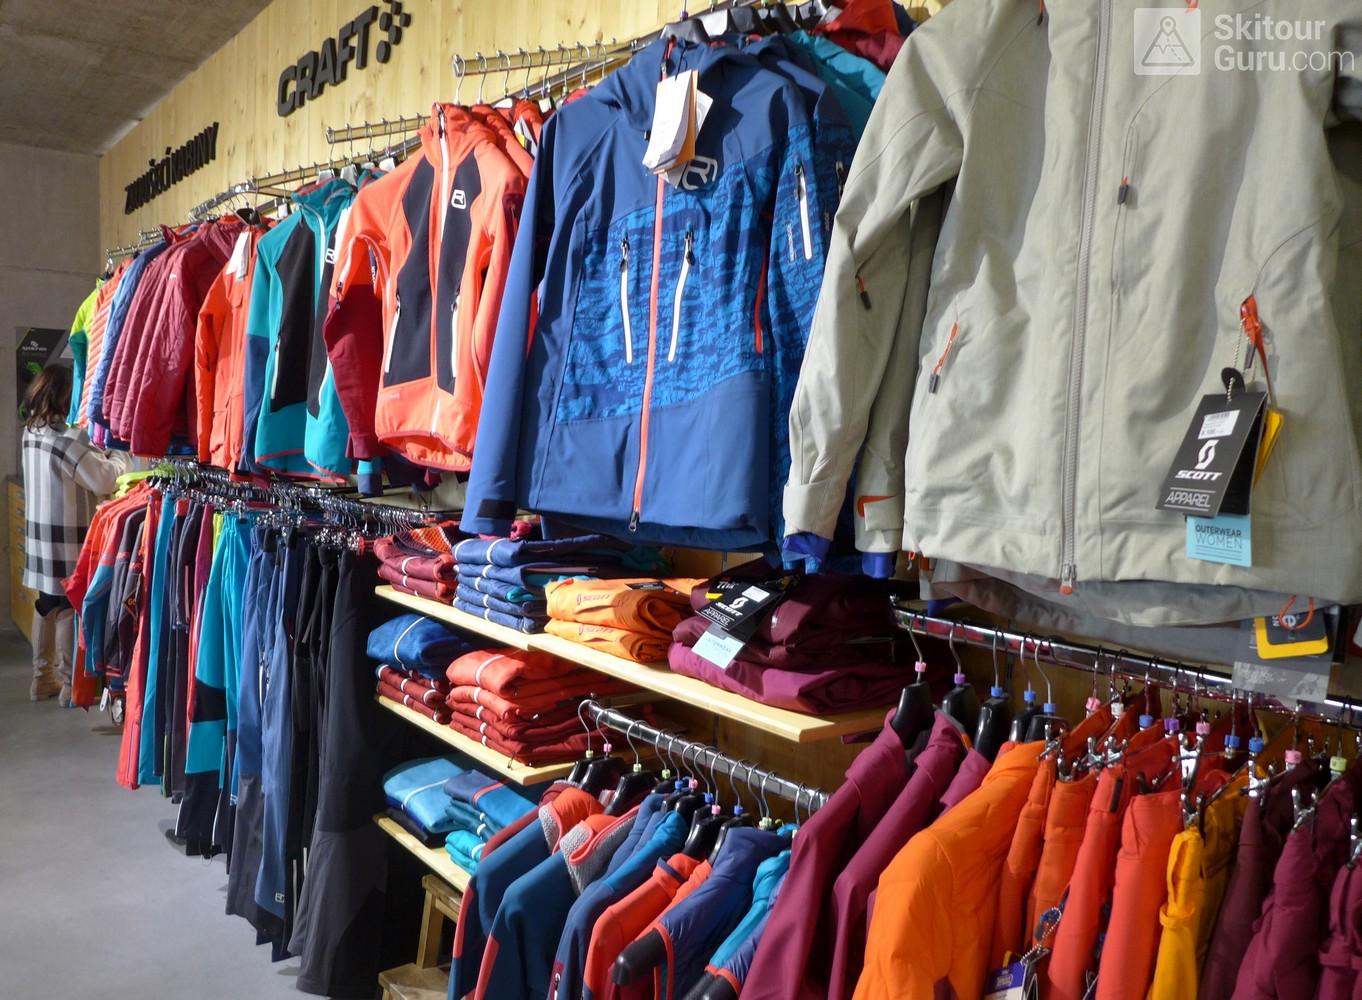 c75592f9d7 Nový Madejasport - lyžařská speciálka v Ostravě - SkitourGuru.com